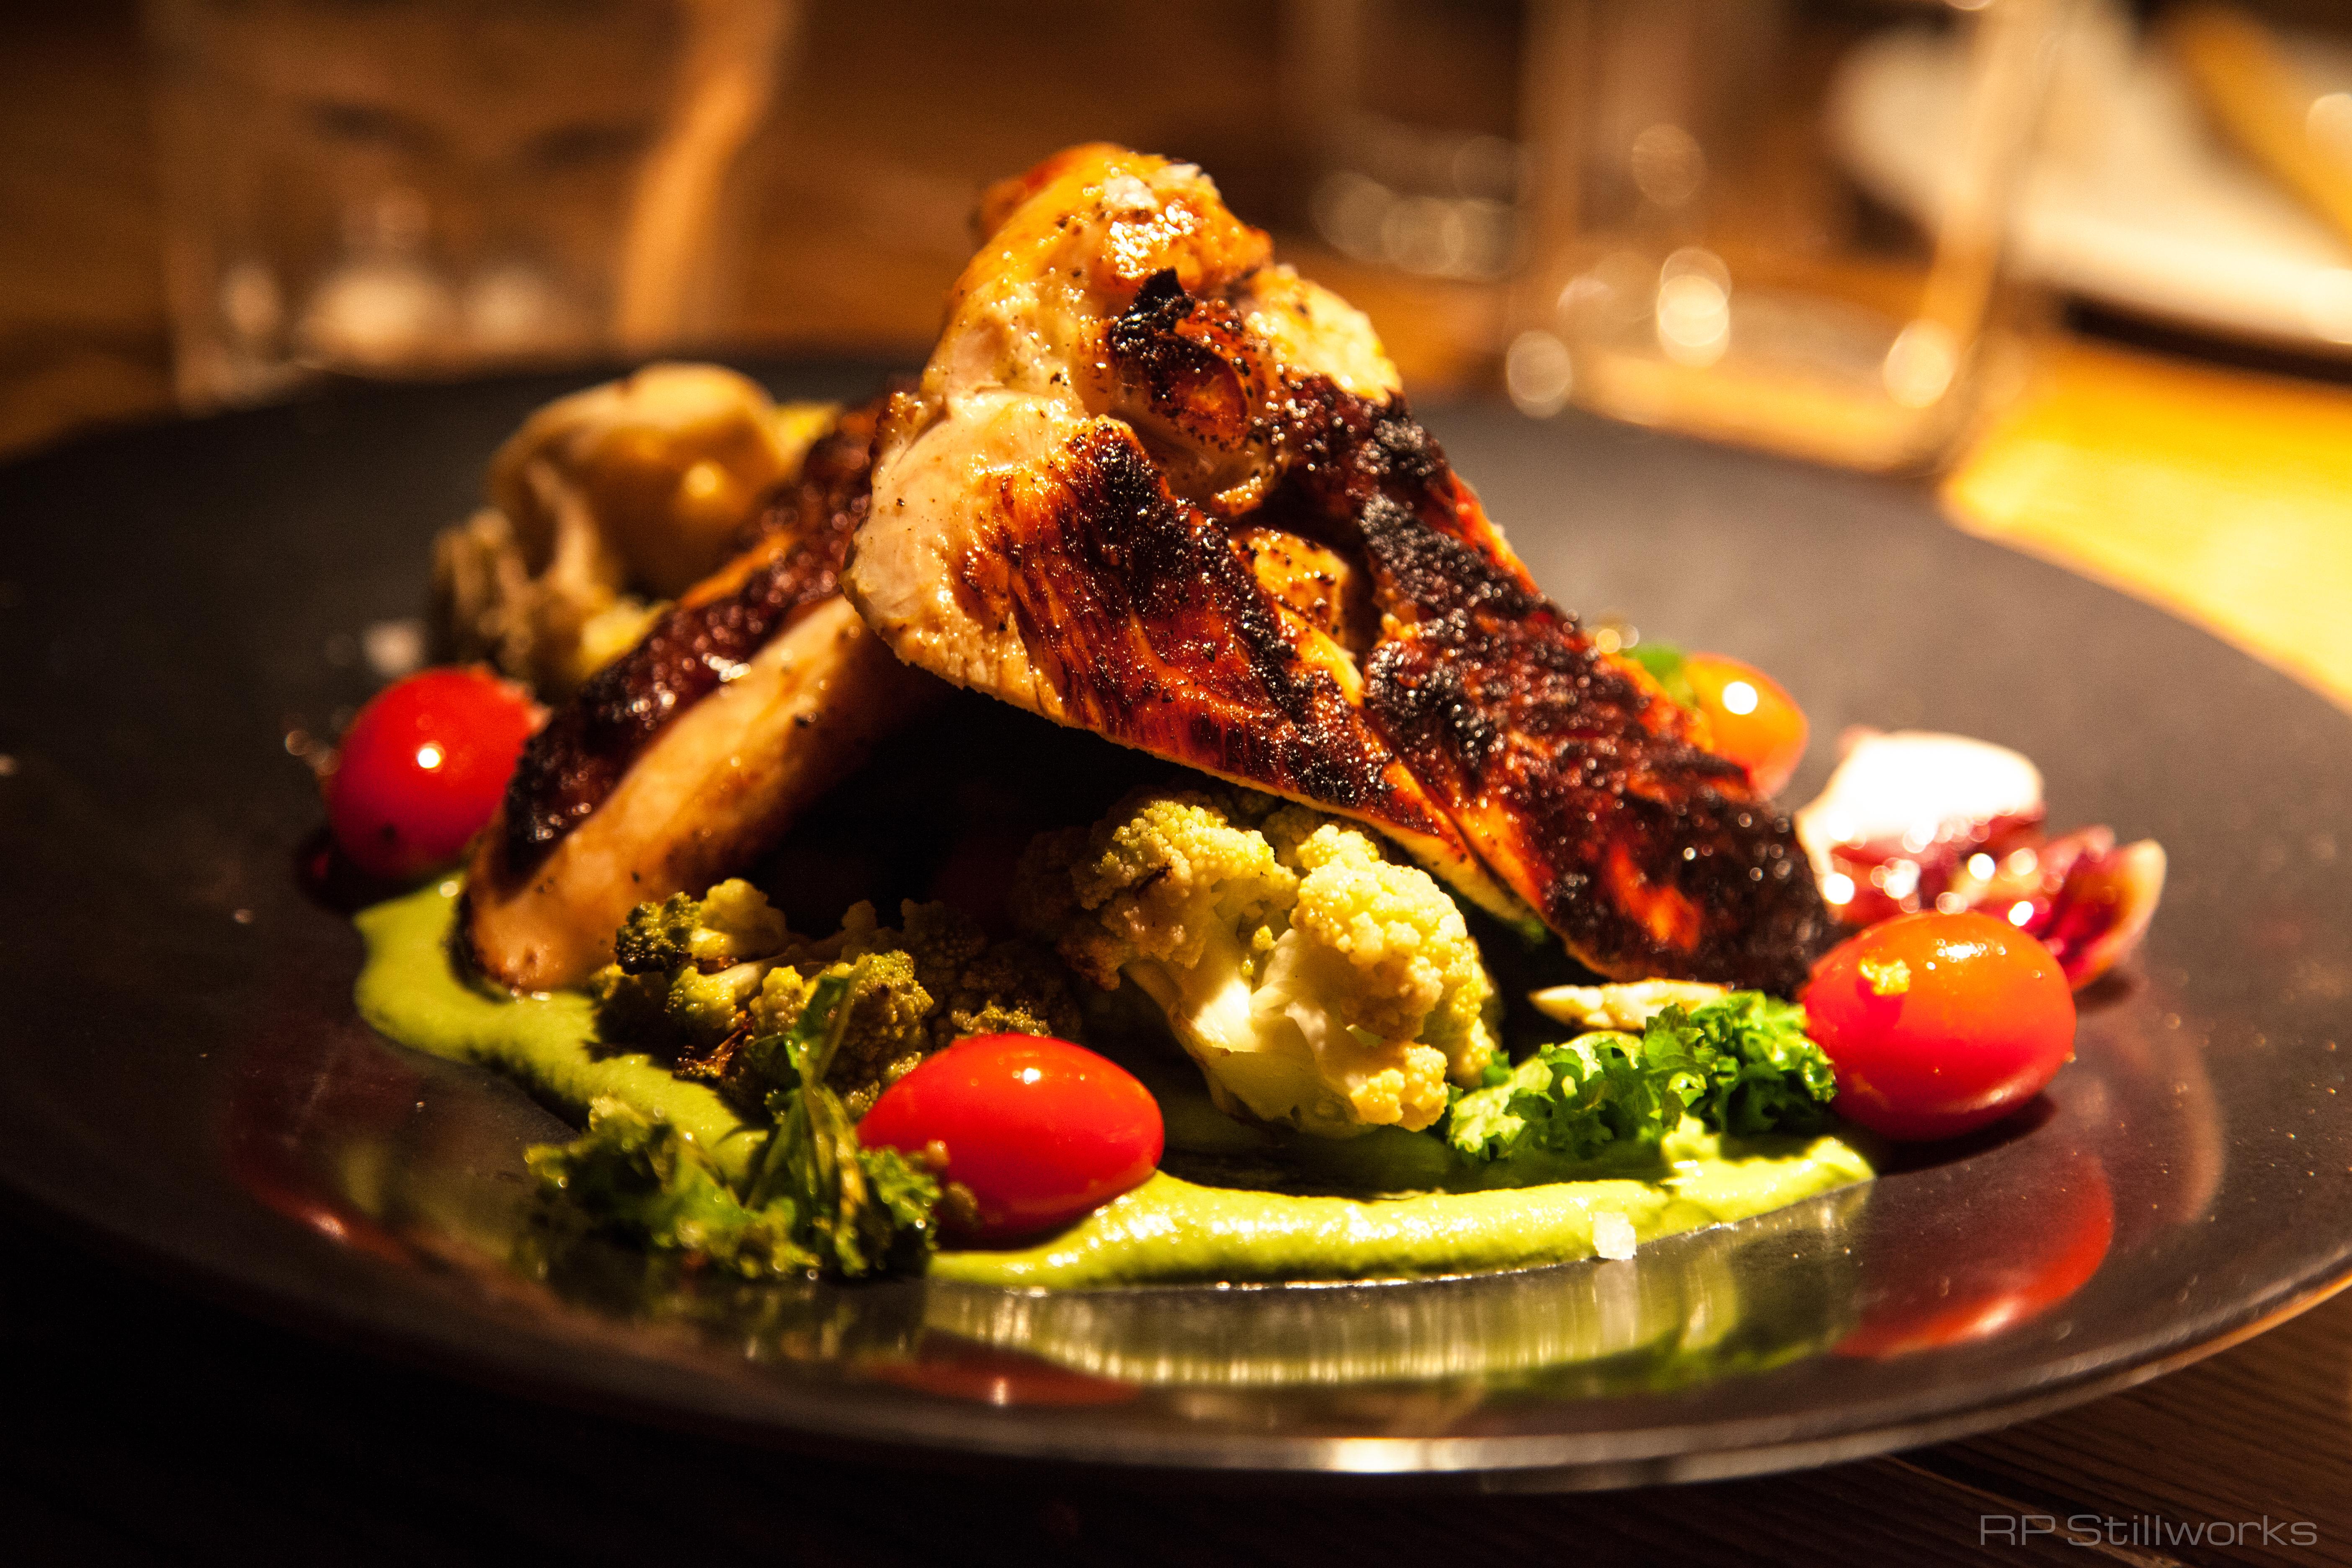 Casanova's Chicken